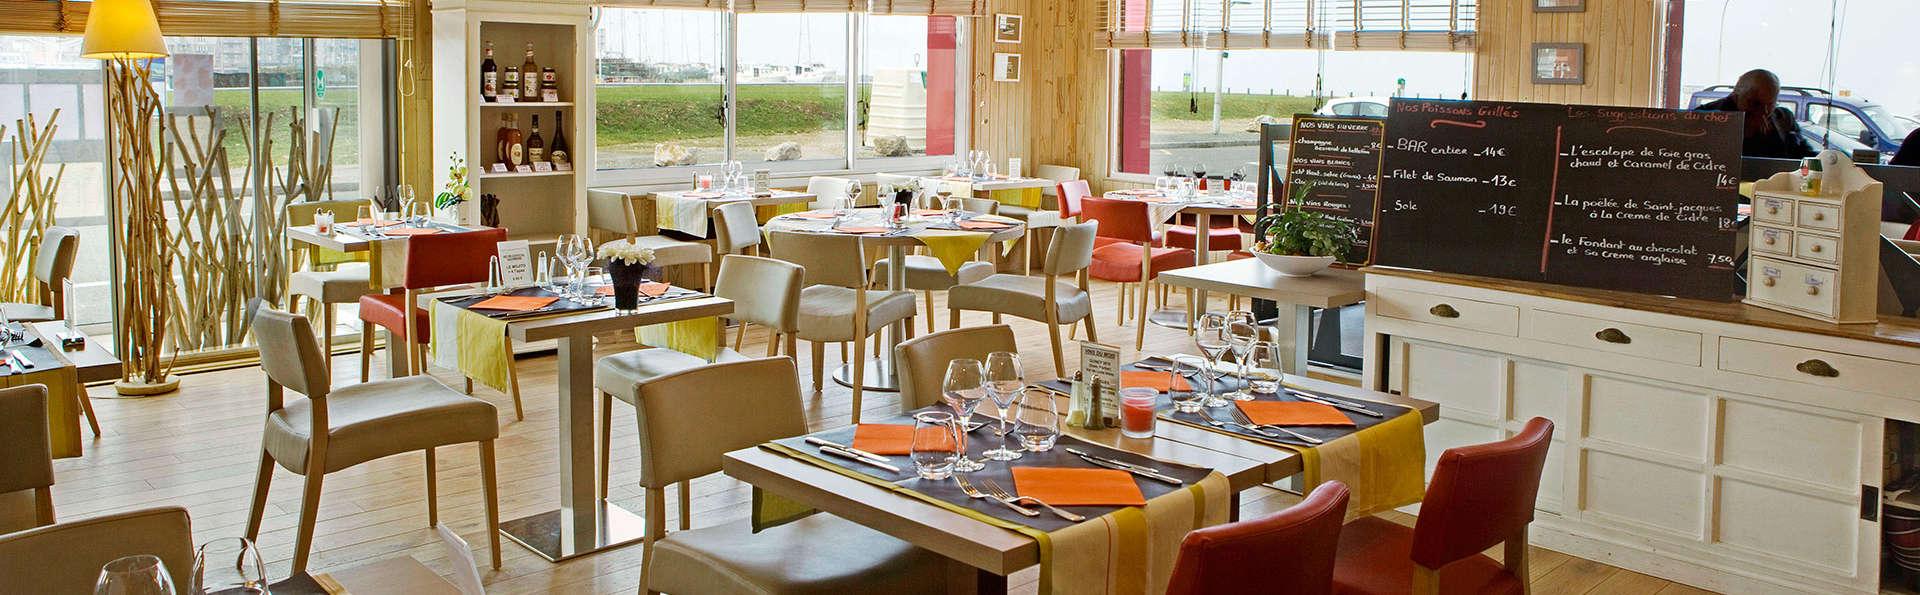 Cuisine régionale et nuit en chambre Privilège, au bord de la mer